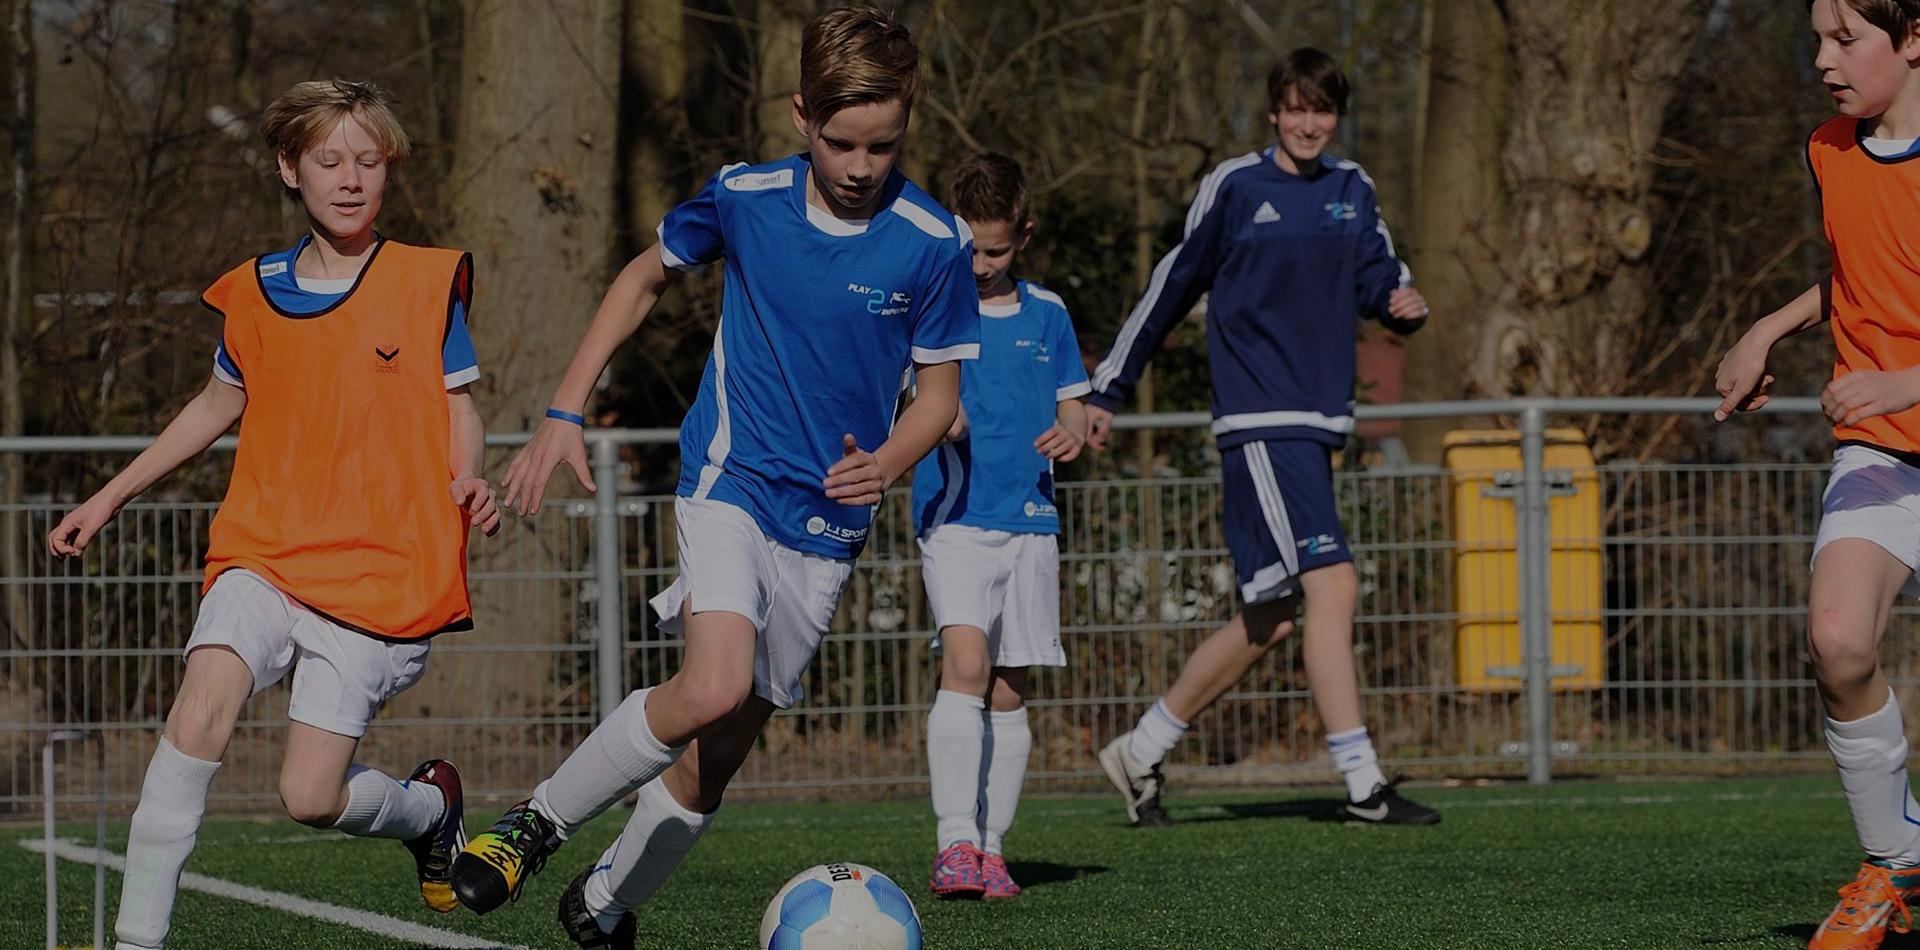 voetbalacademie-bollenstreek